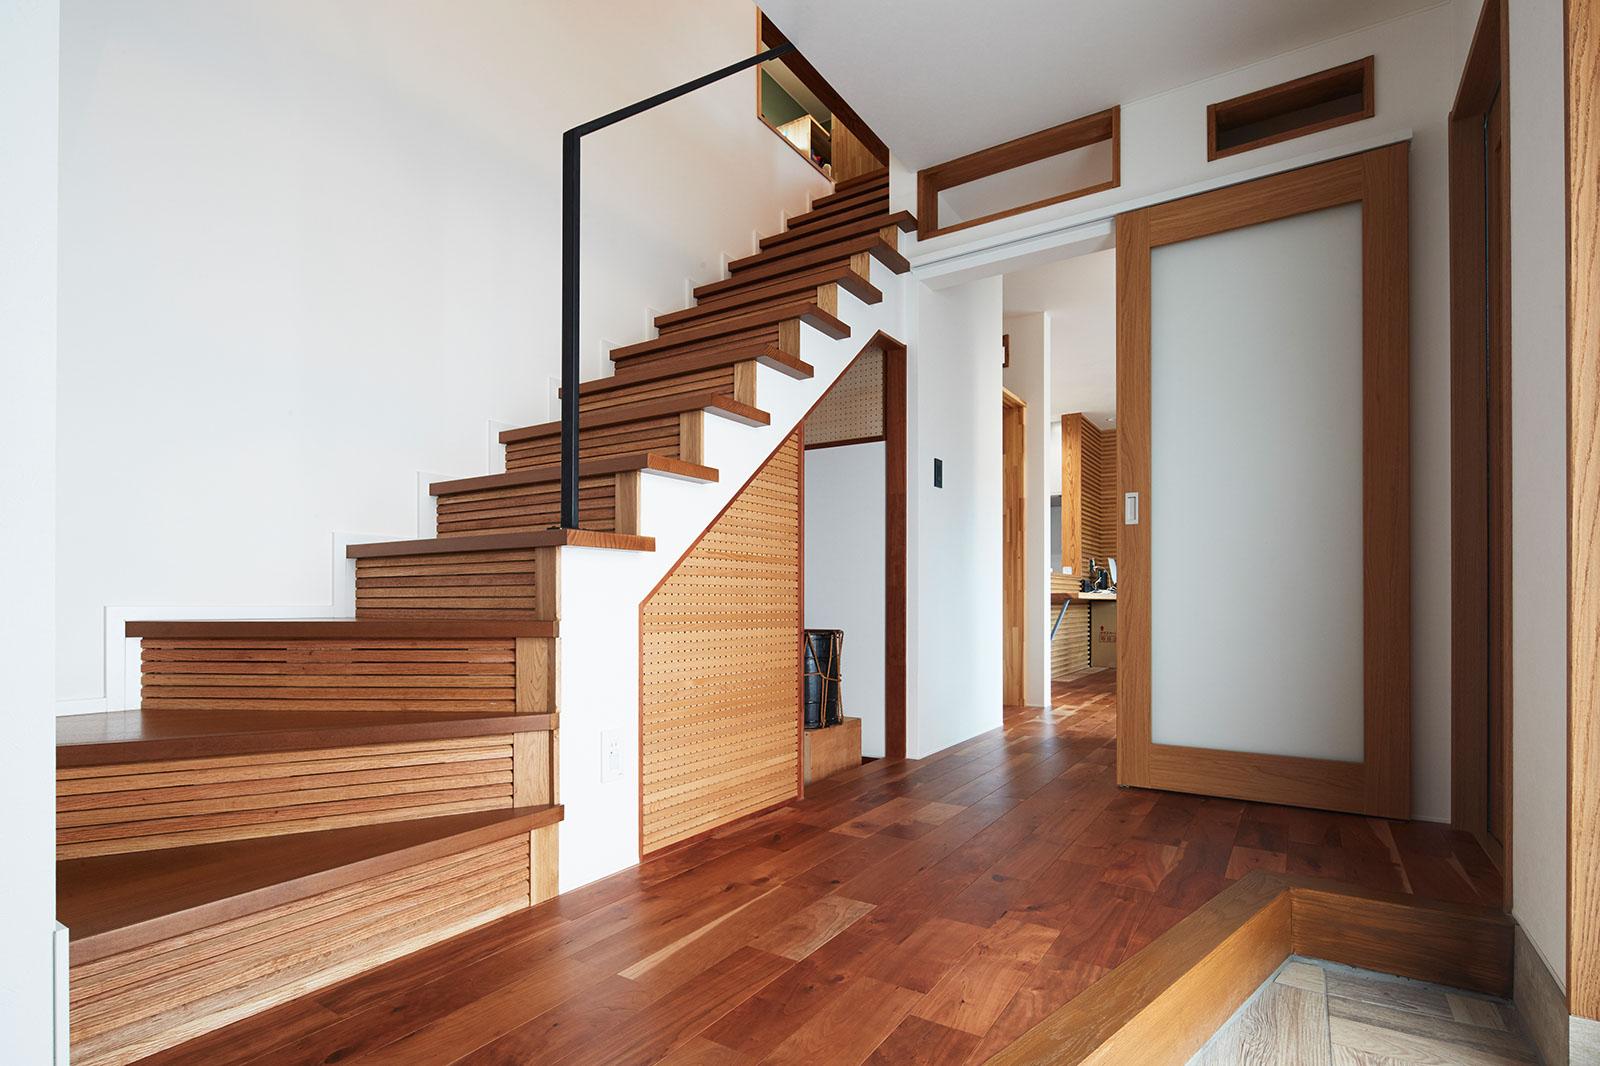 共用玄関からは階段を上がればHさん世帯、右手にはお母さんが暮らす居住空間がある